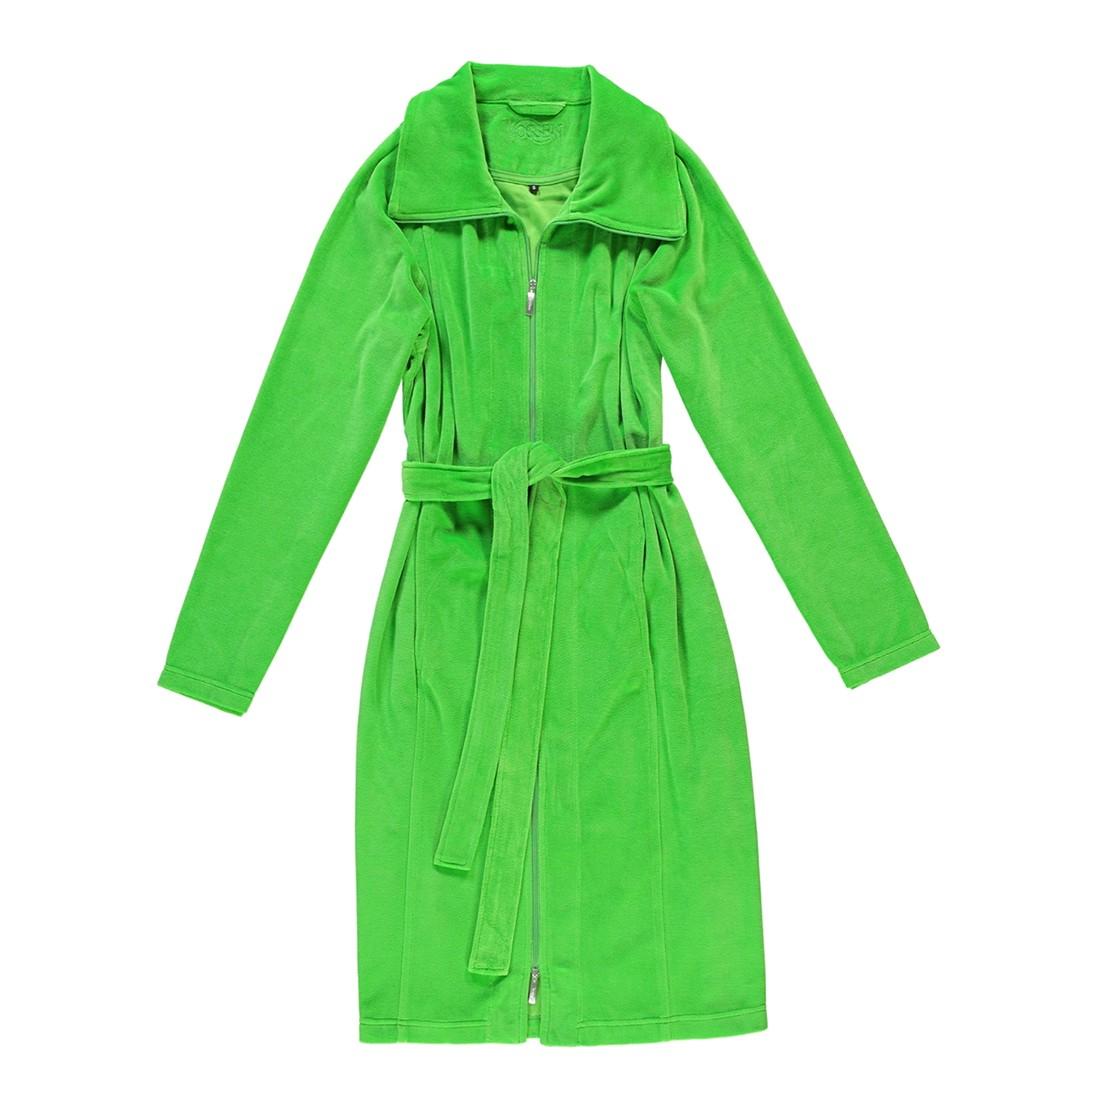 Bademantel Nora – Damen – 80% Baumwolle, 20% Polyester valley green – 565 – Größe: XL, Vossen jetzt kaufen